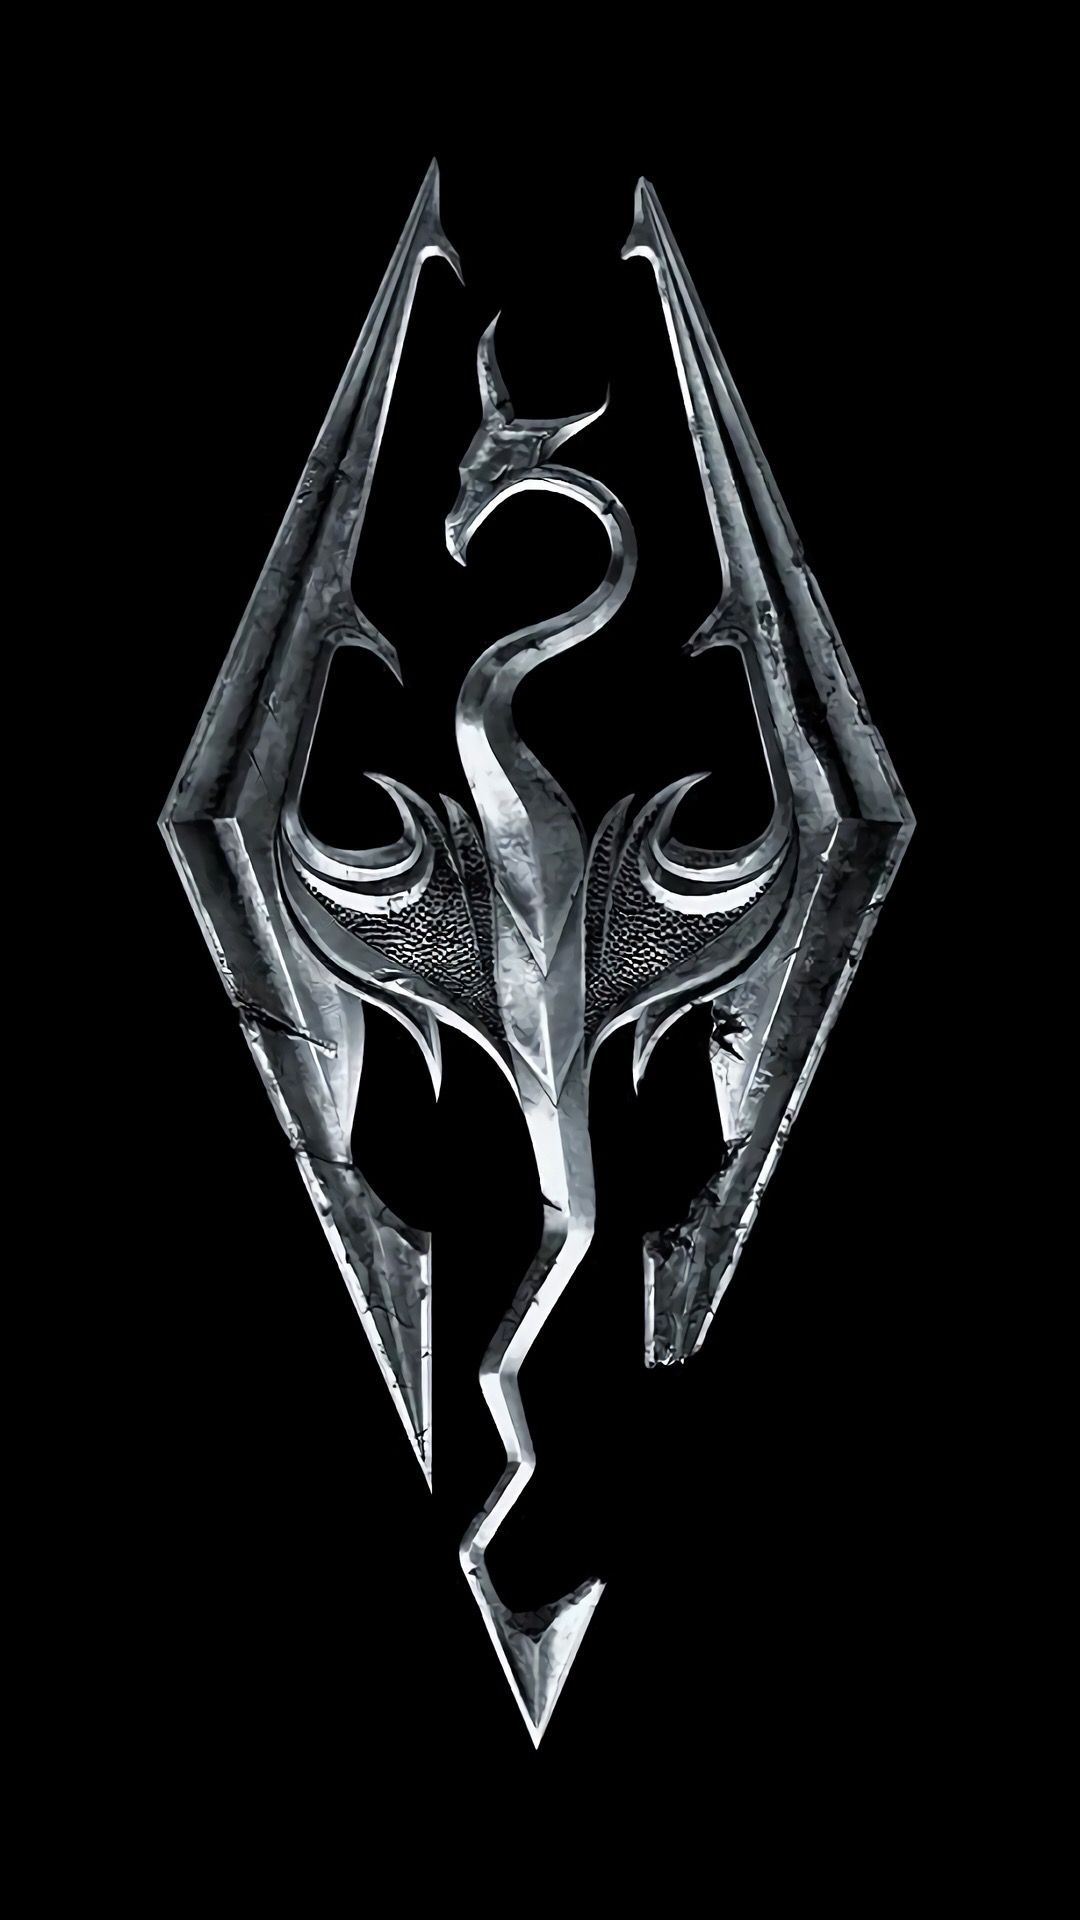 Logo Skyrim Wallpaper Iphone Skyrim Wallpaper Skyrim Wallpaper Iphone Skyrim Dragon